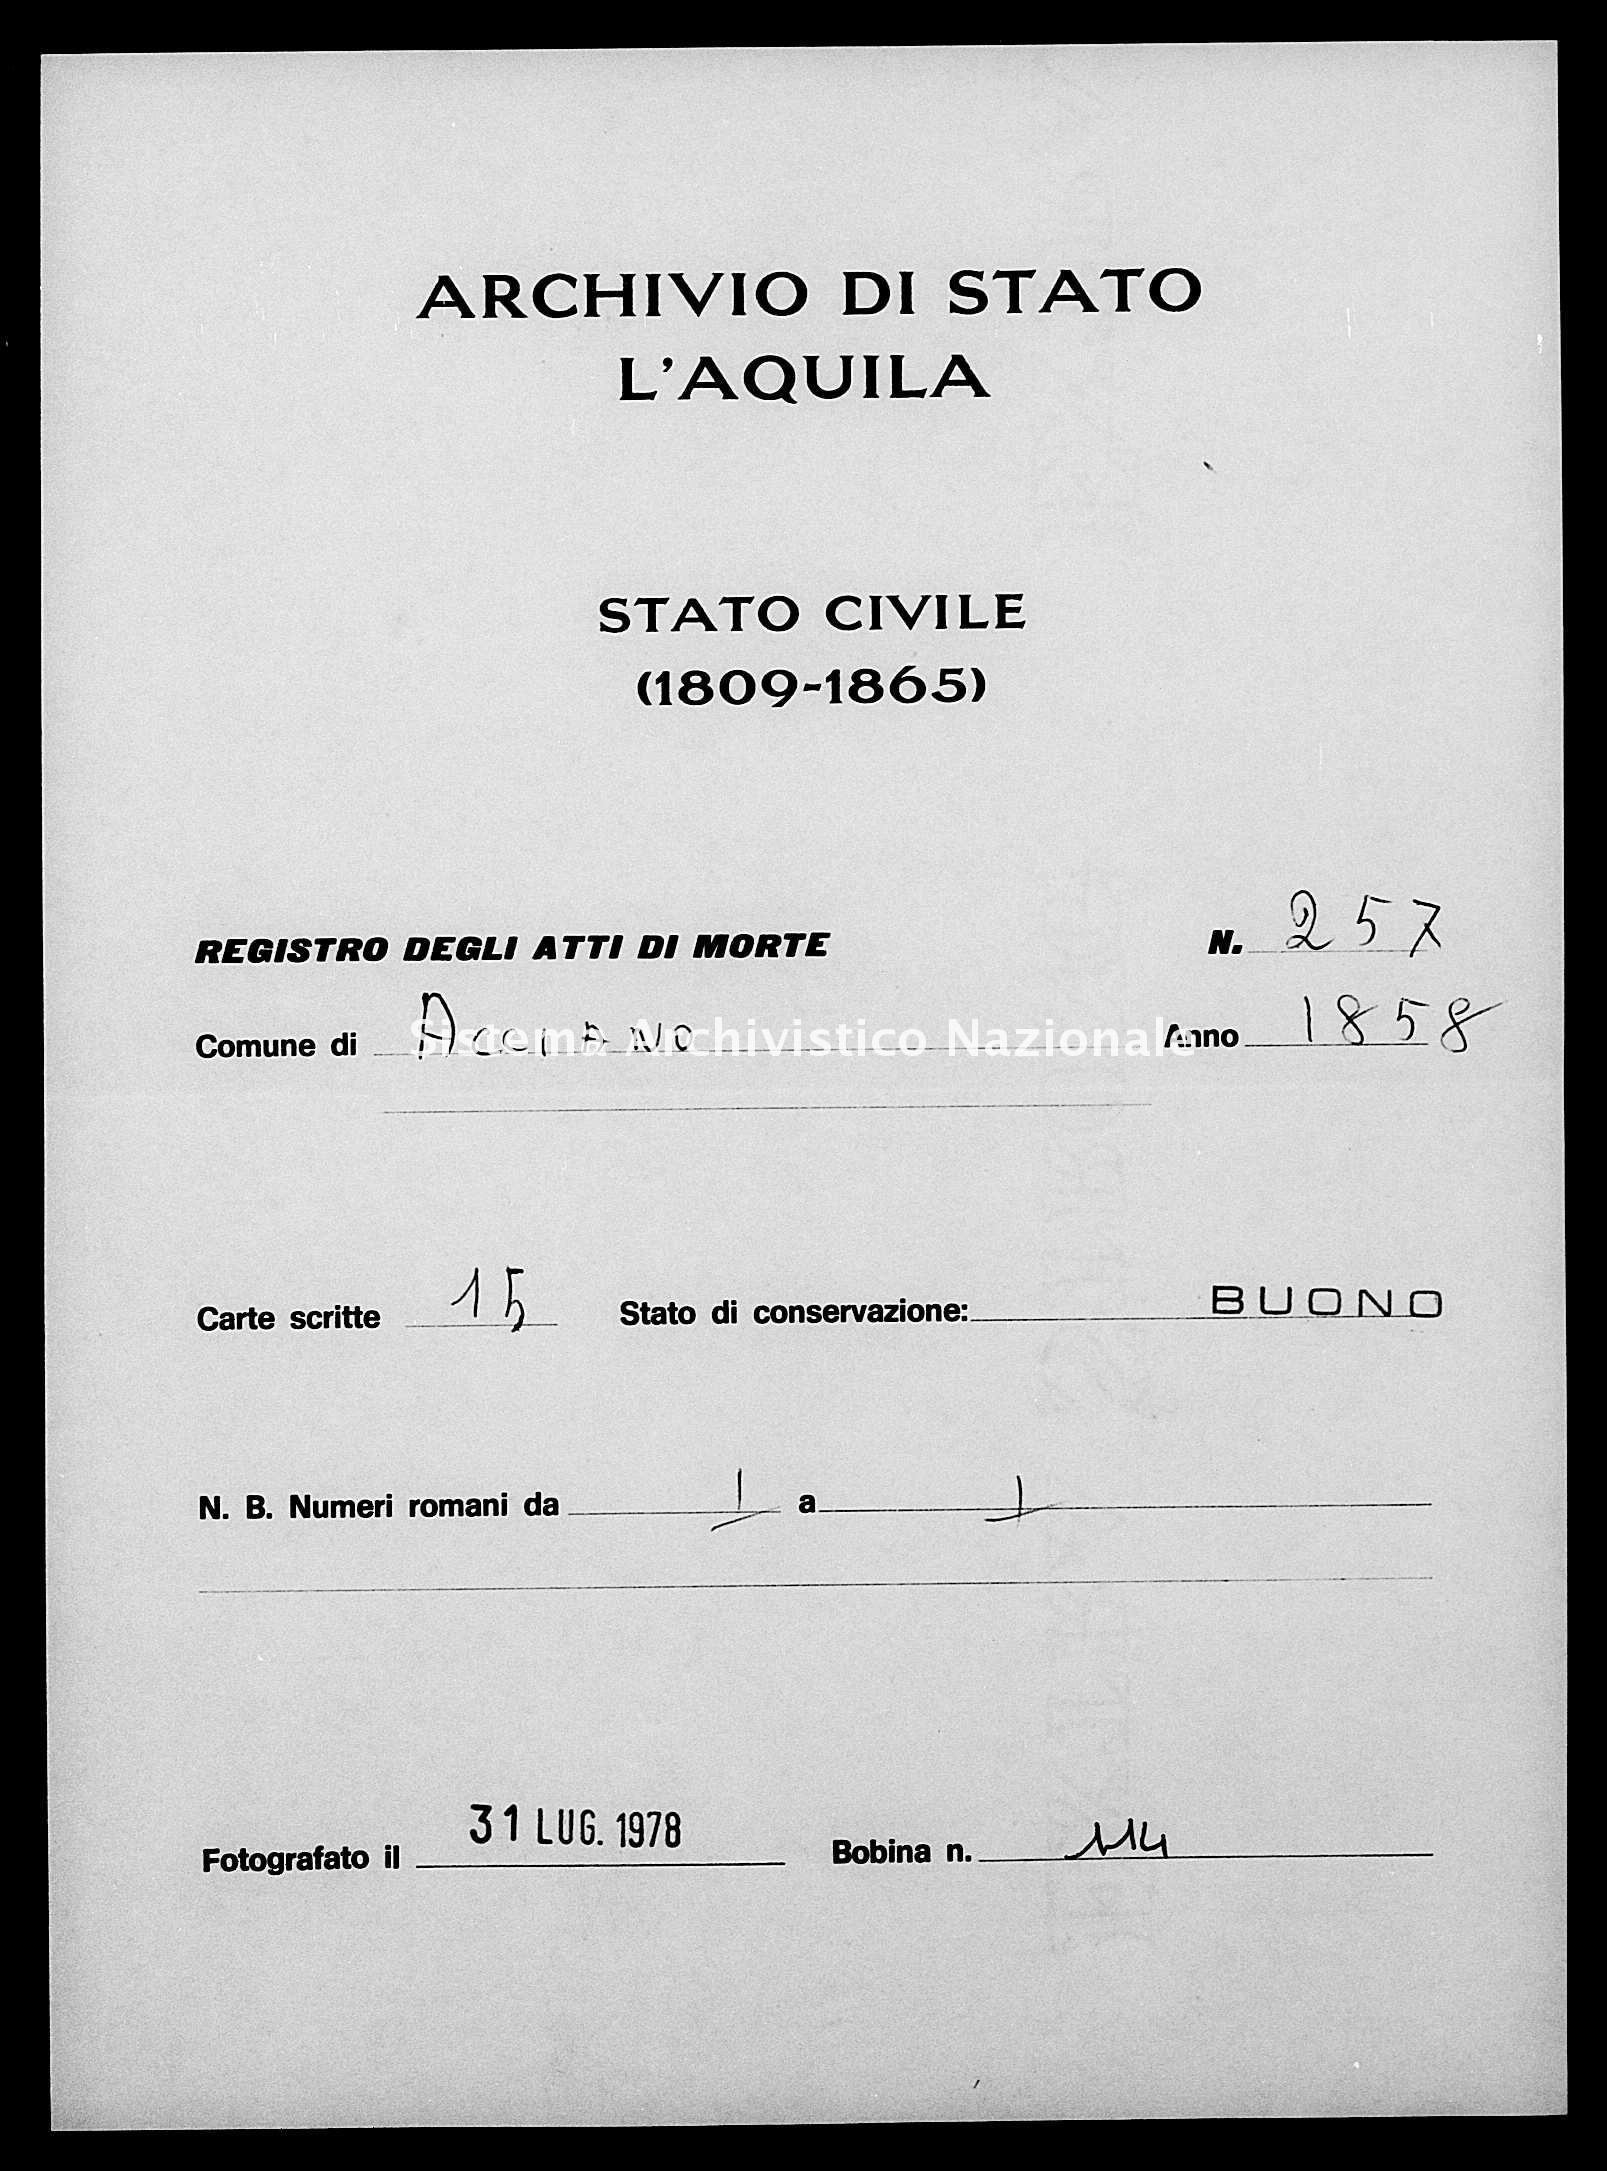 Archivio di stato di L'aquila - Stato civile della restaurazione - Acciano - Morti - 1858 - 257 -